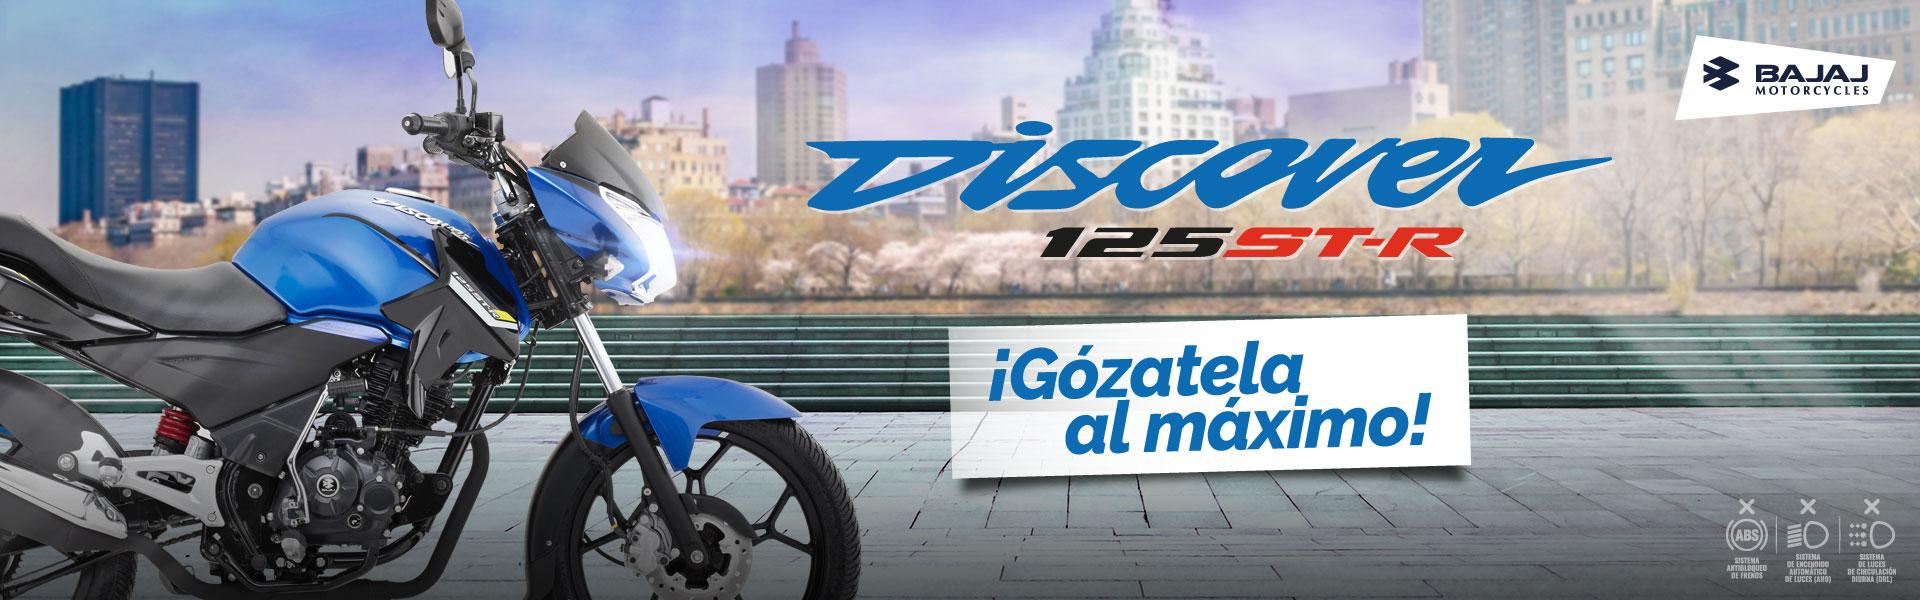 Banner motos Discover